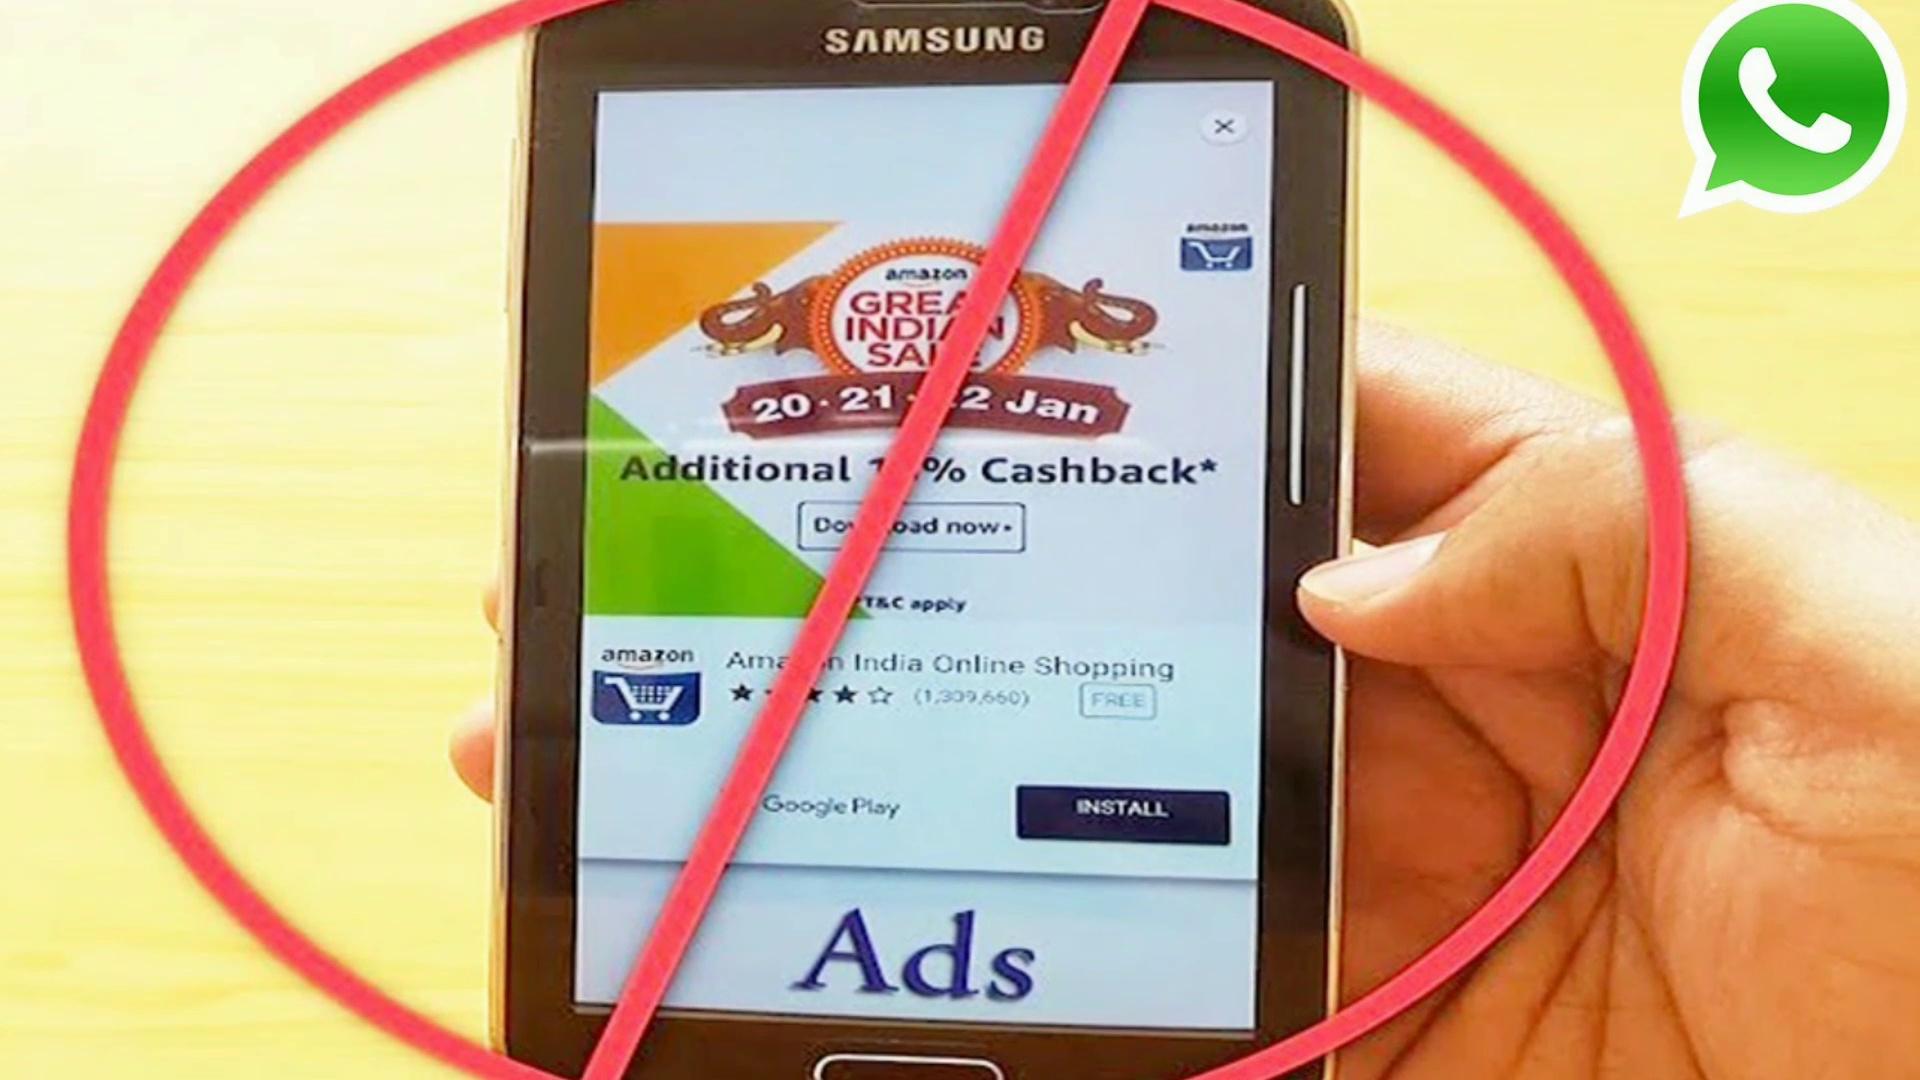 Whats app big update | Ads whatsapp status | Whatsapp ads |2020